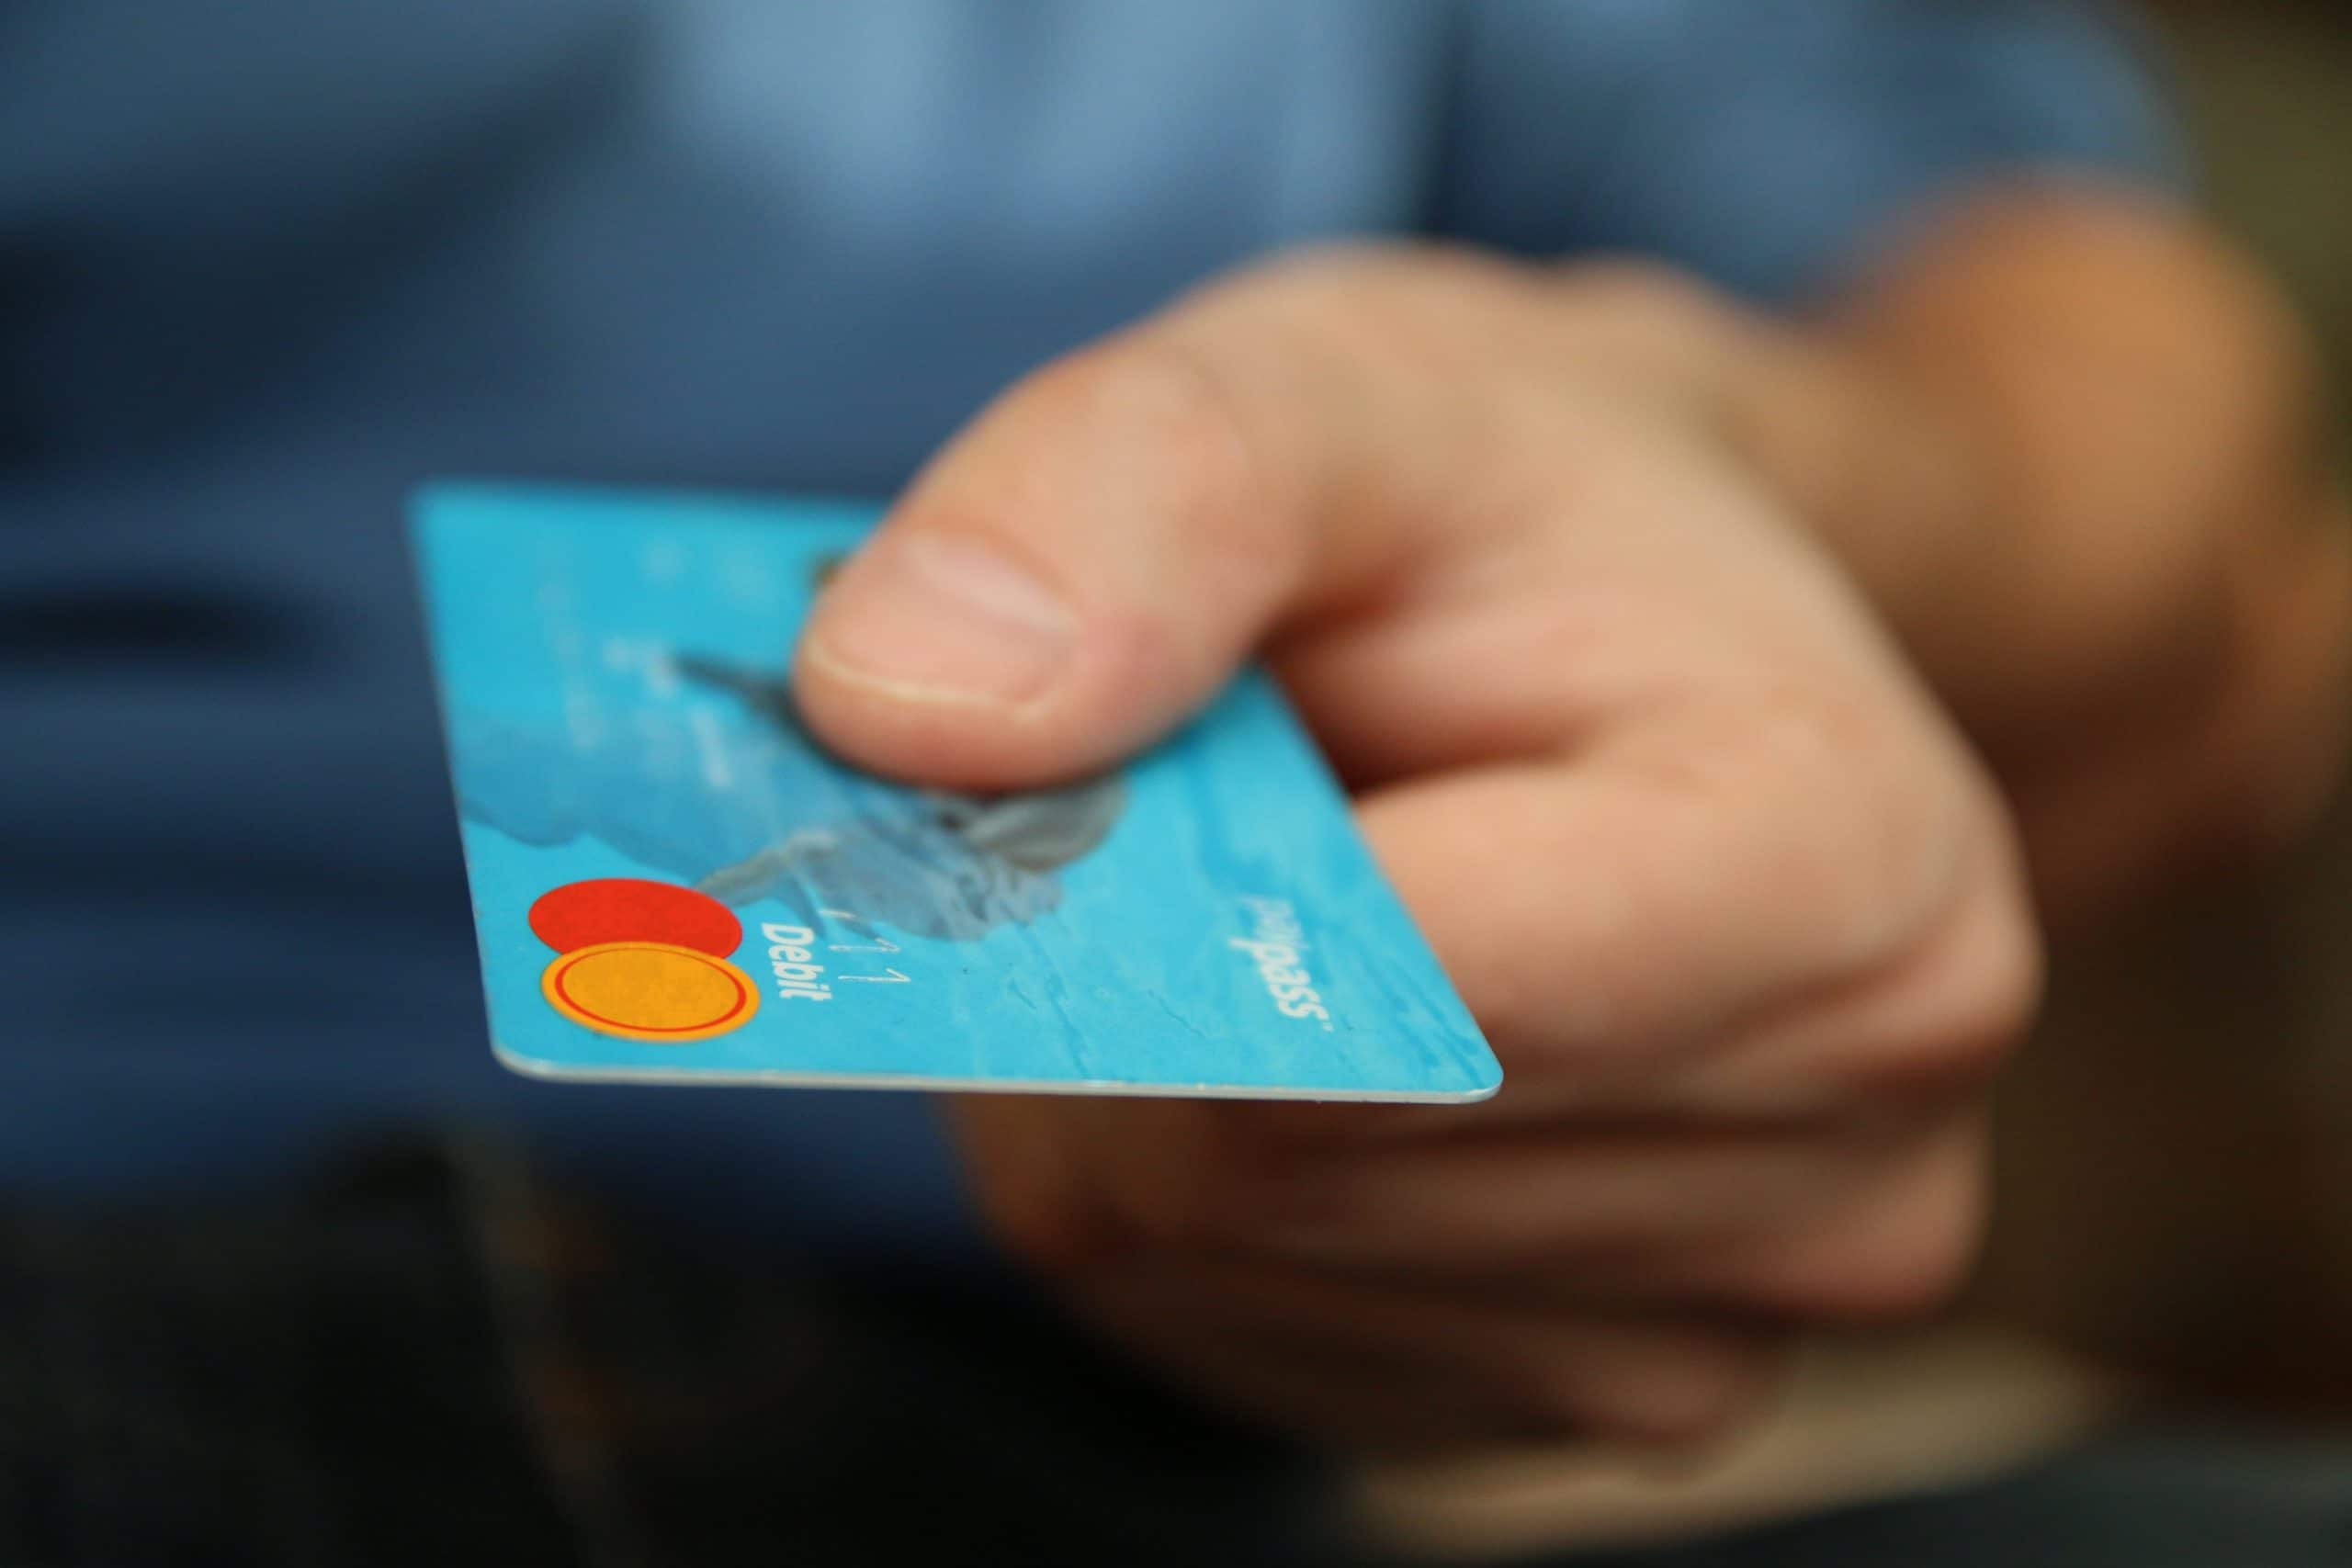 Les banques gratuites pour auto-entrepreneur